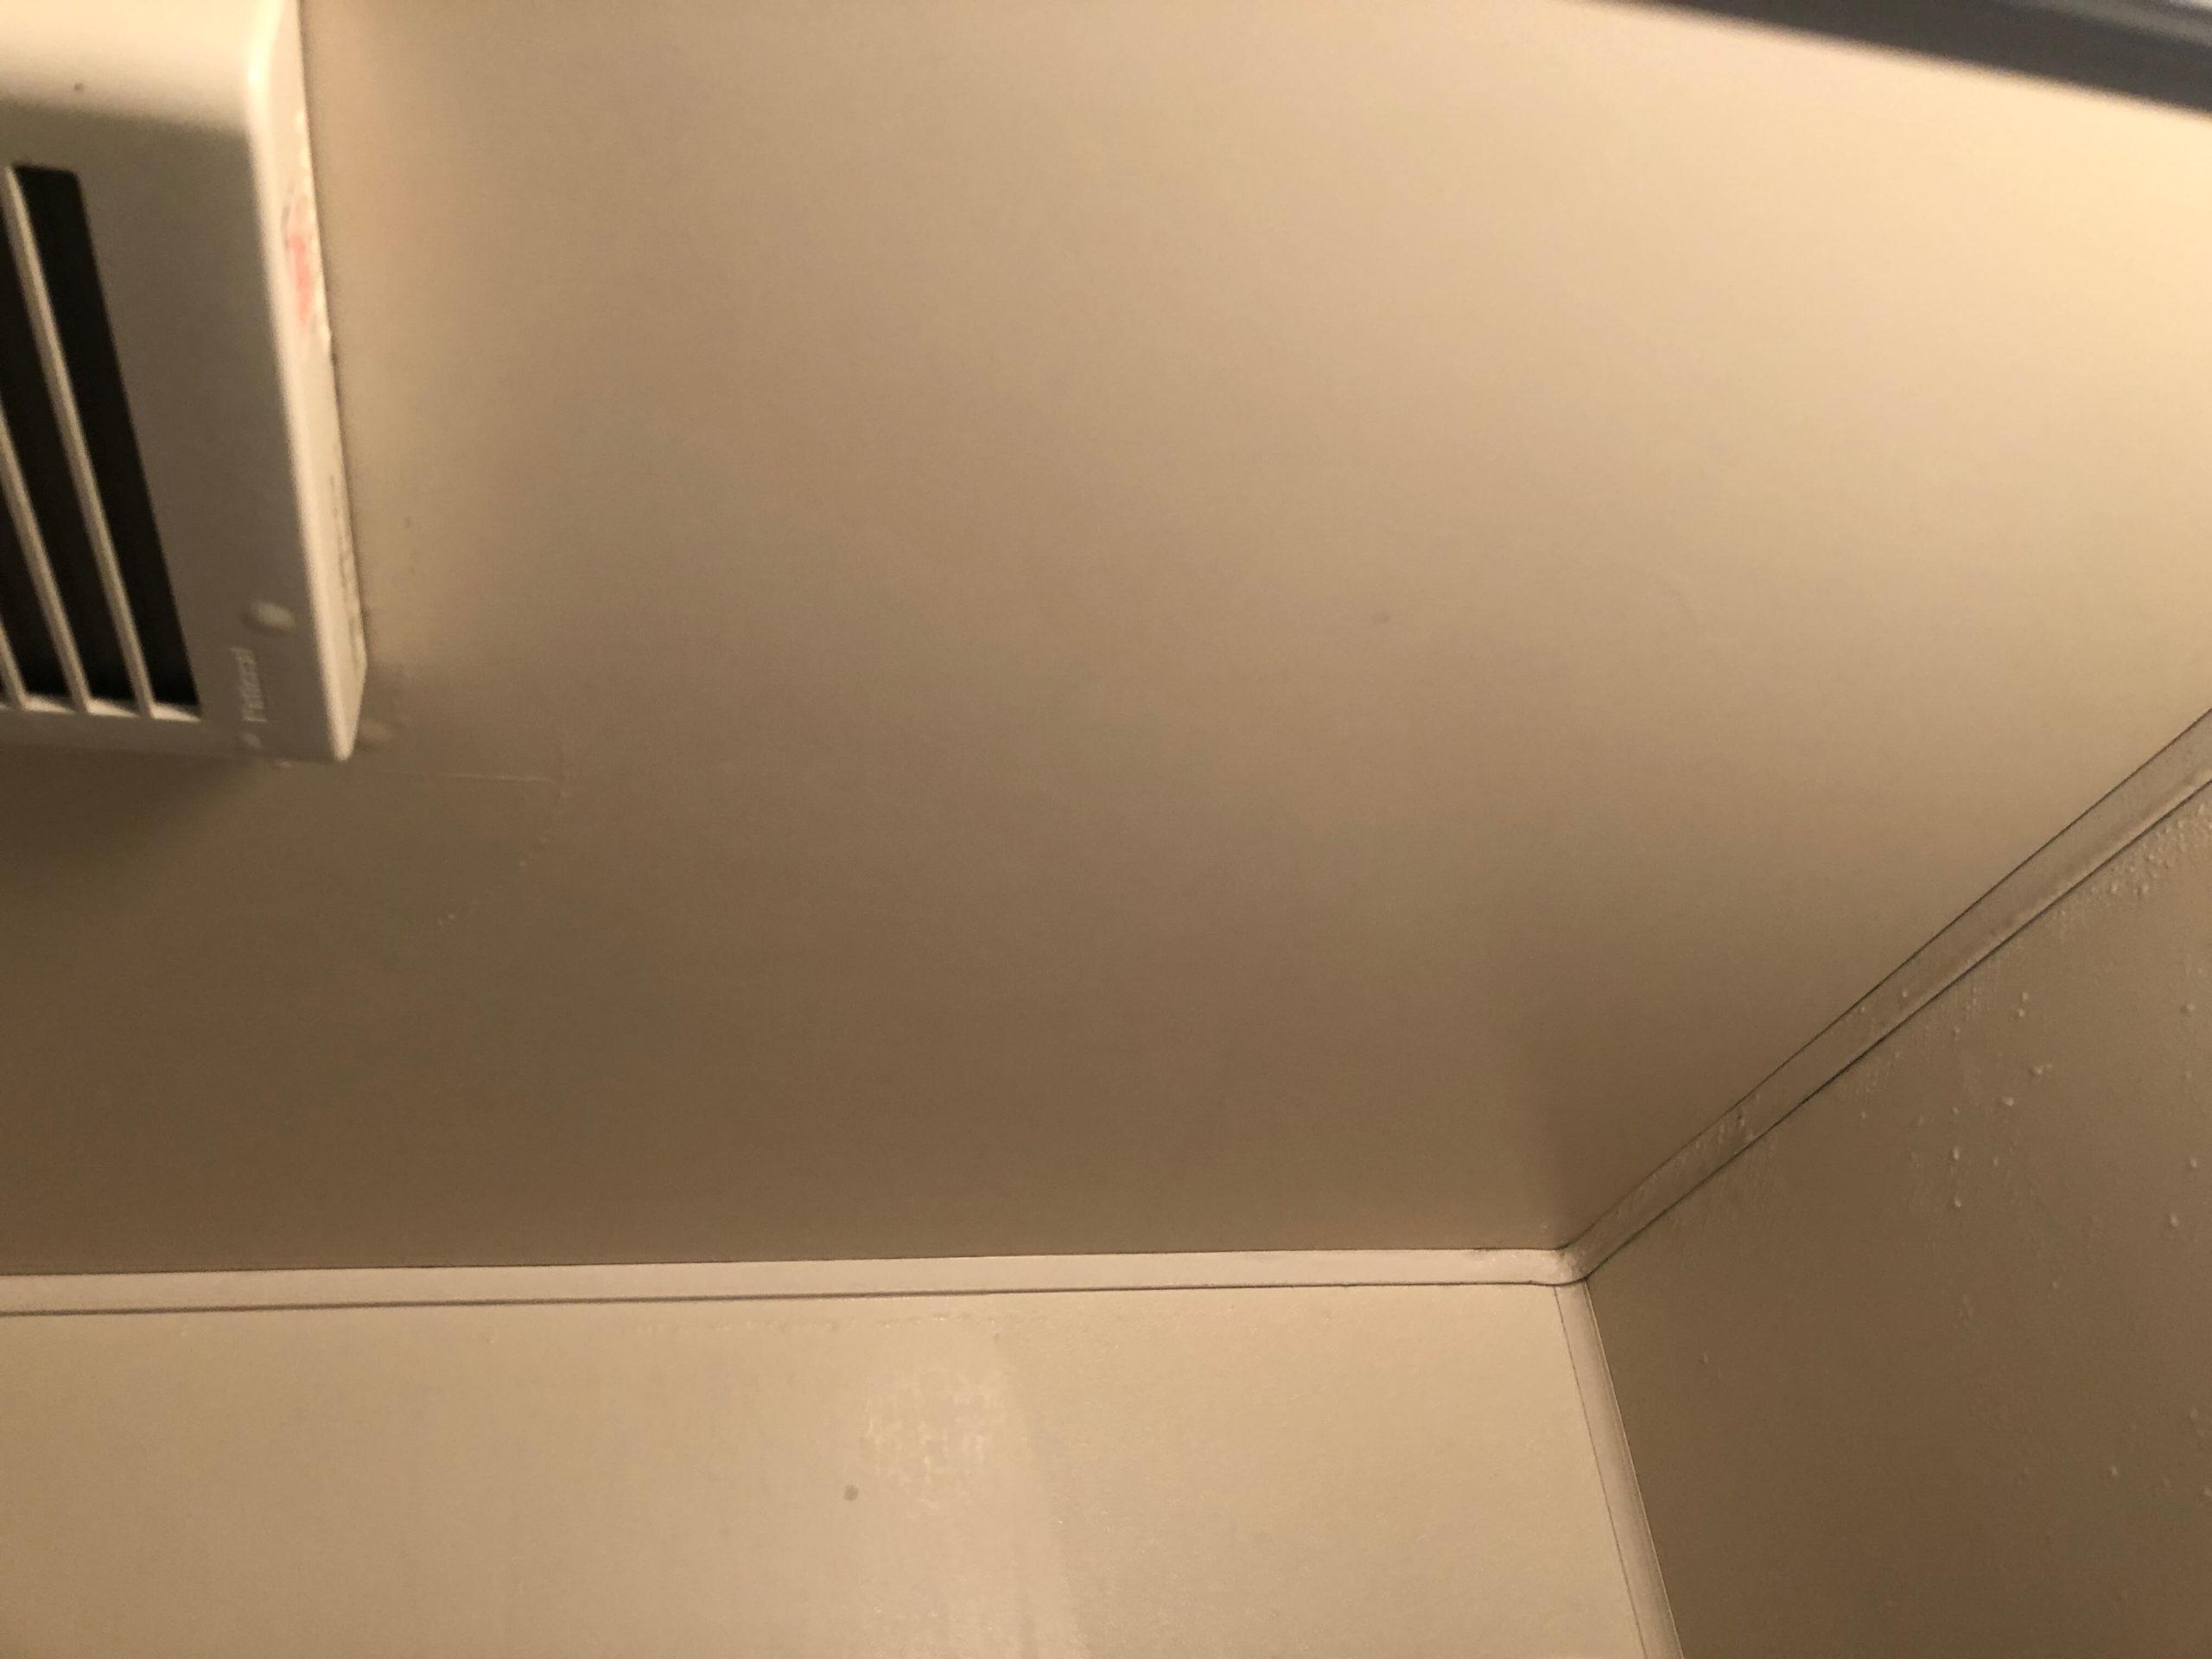 結露取りワイパーでバスルームの天井の水滴もきれいに取れる